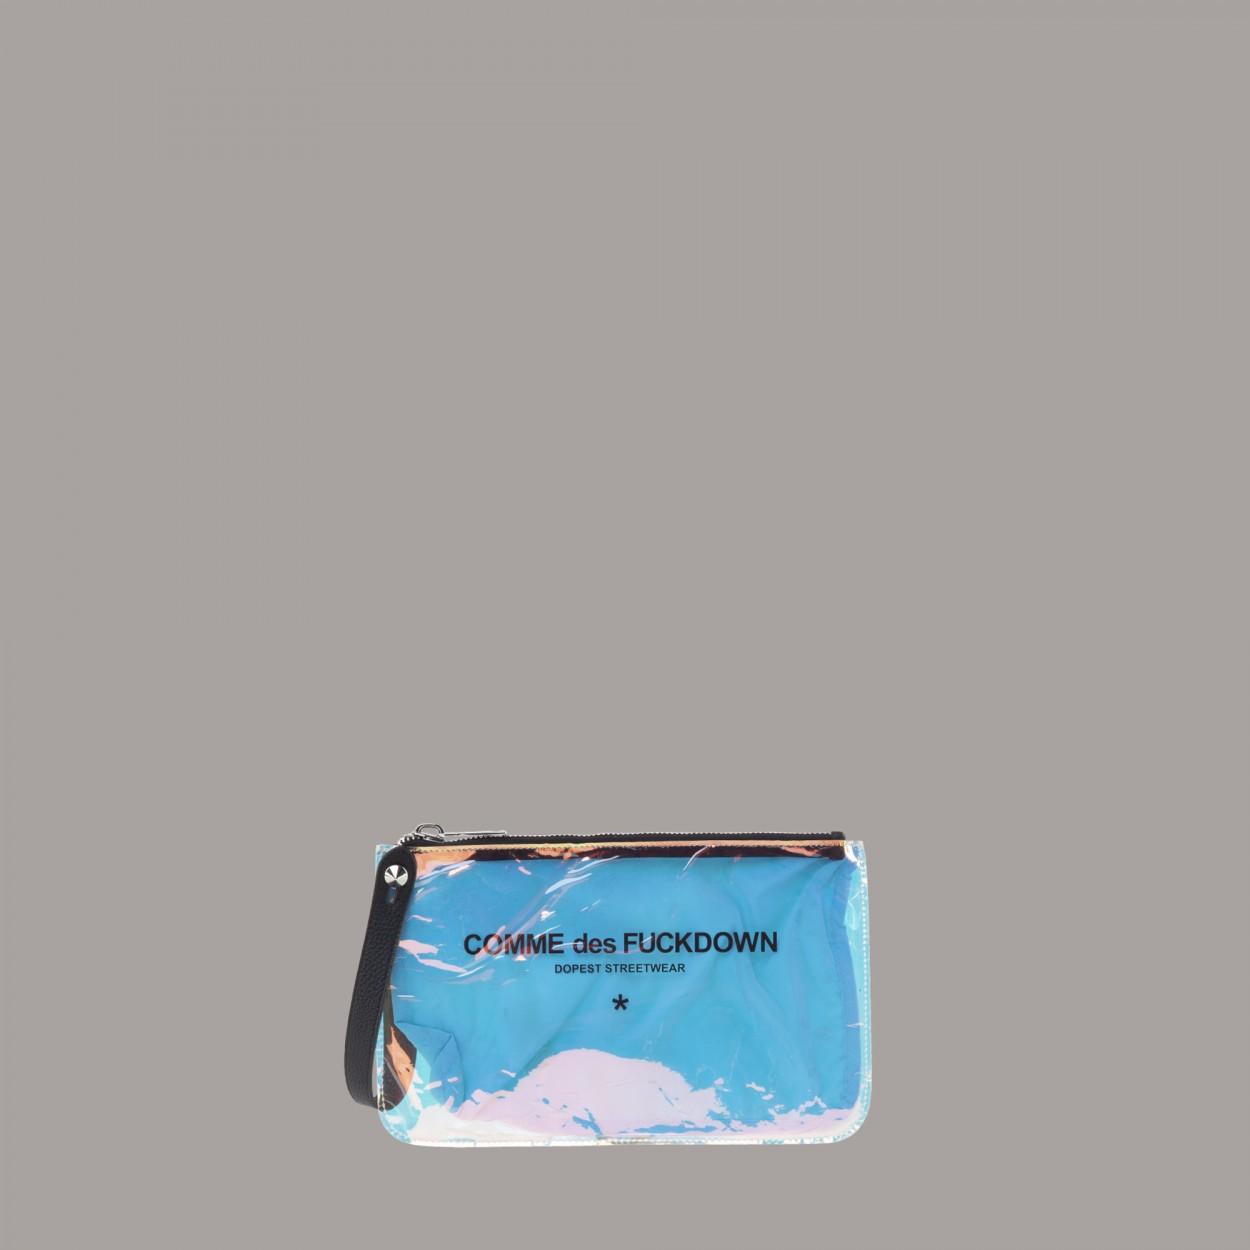 POCHETTE - CDFA01CC - COMME DES FKDOWN